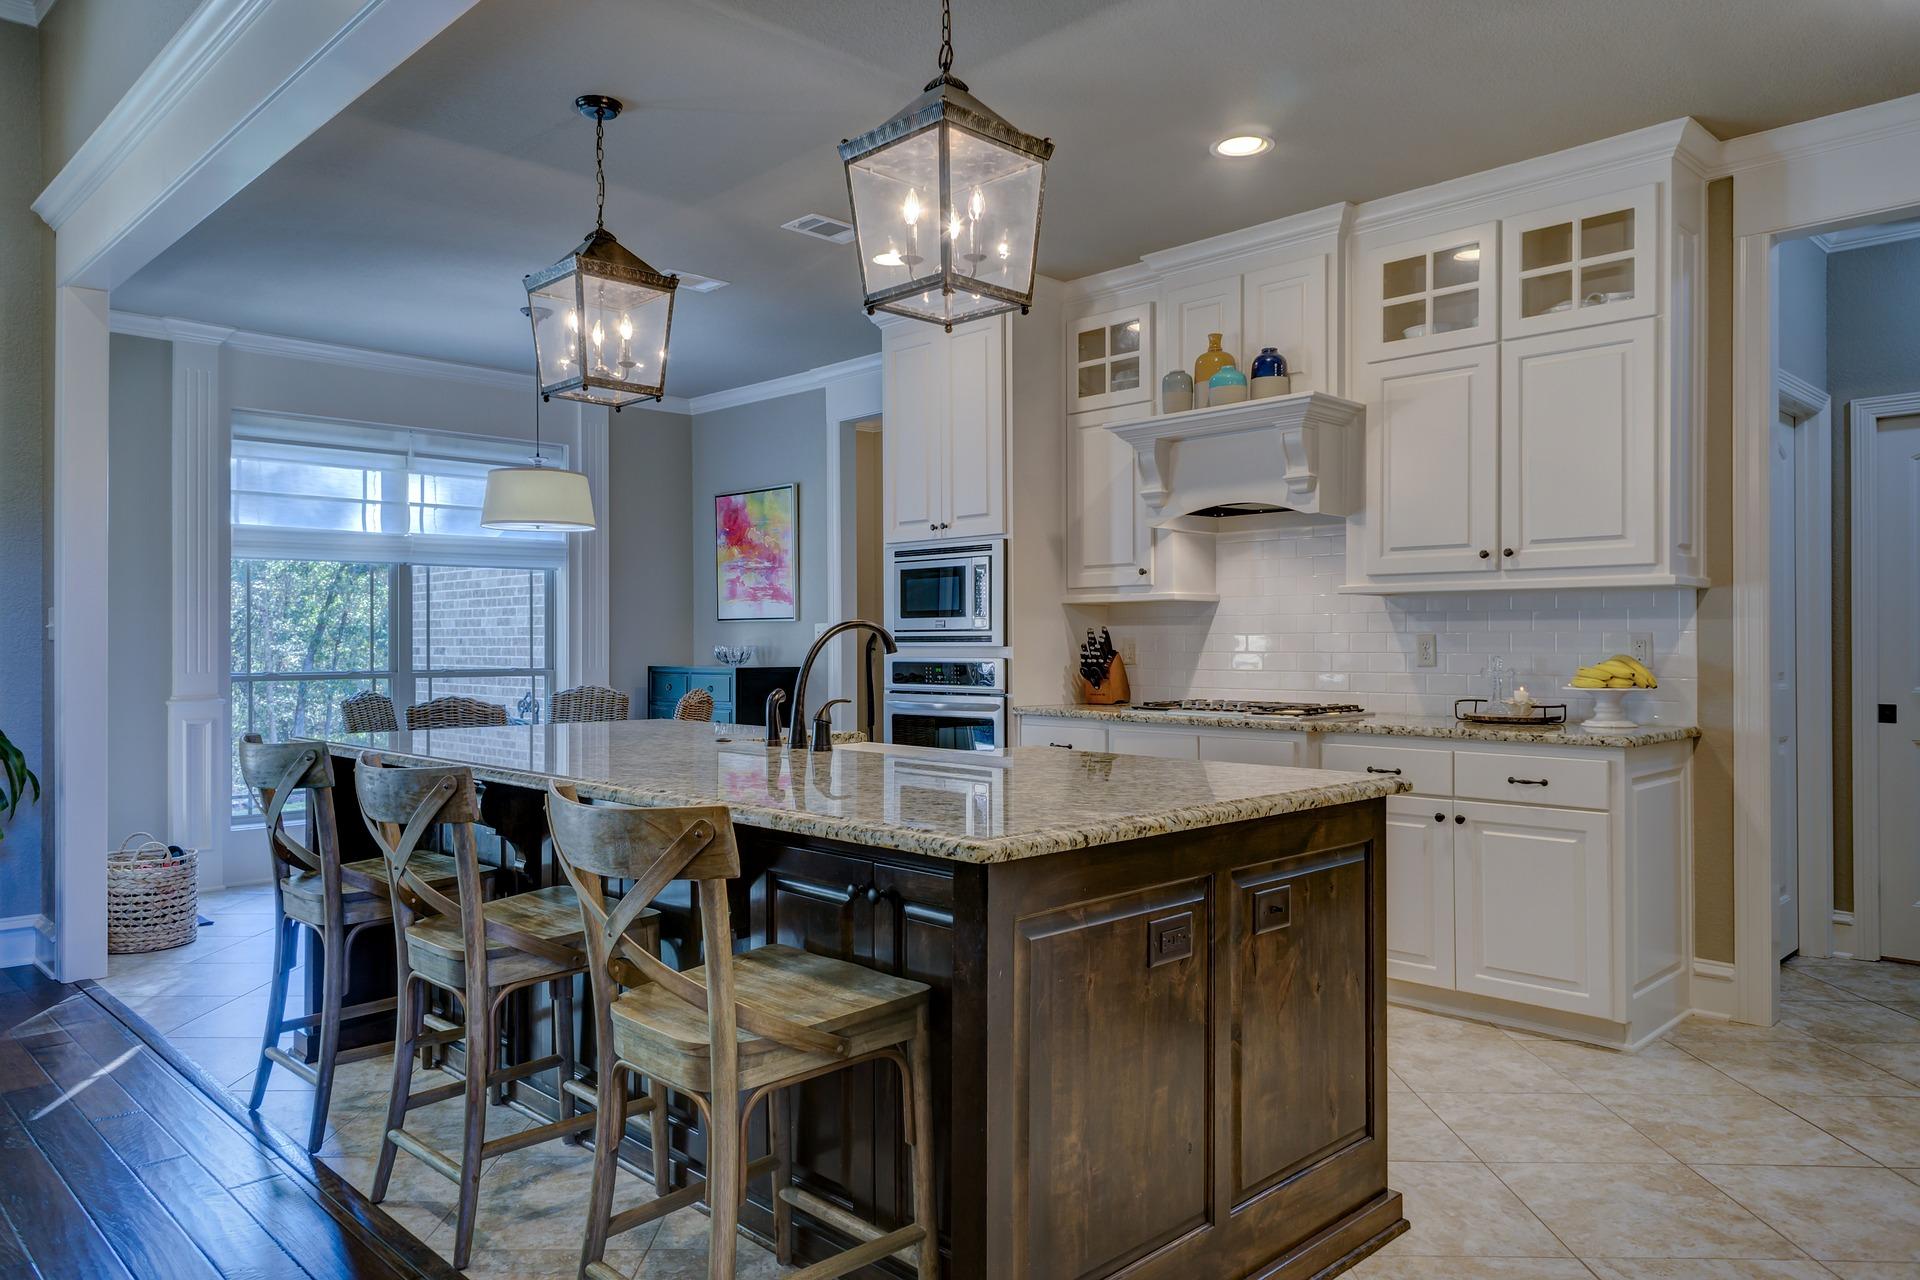 kitchen-1940175_1920.jpg